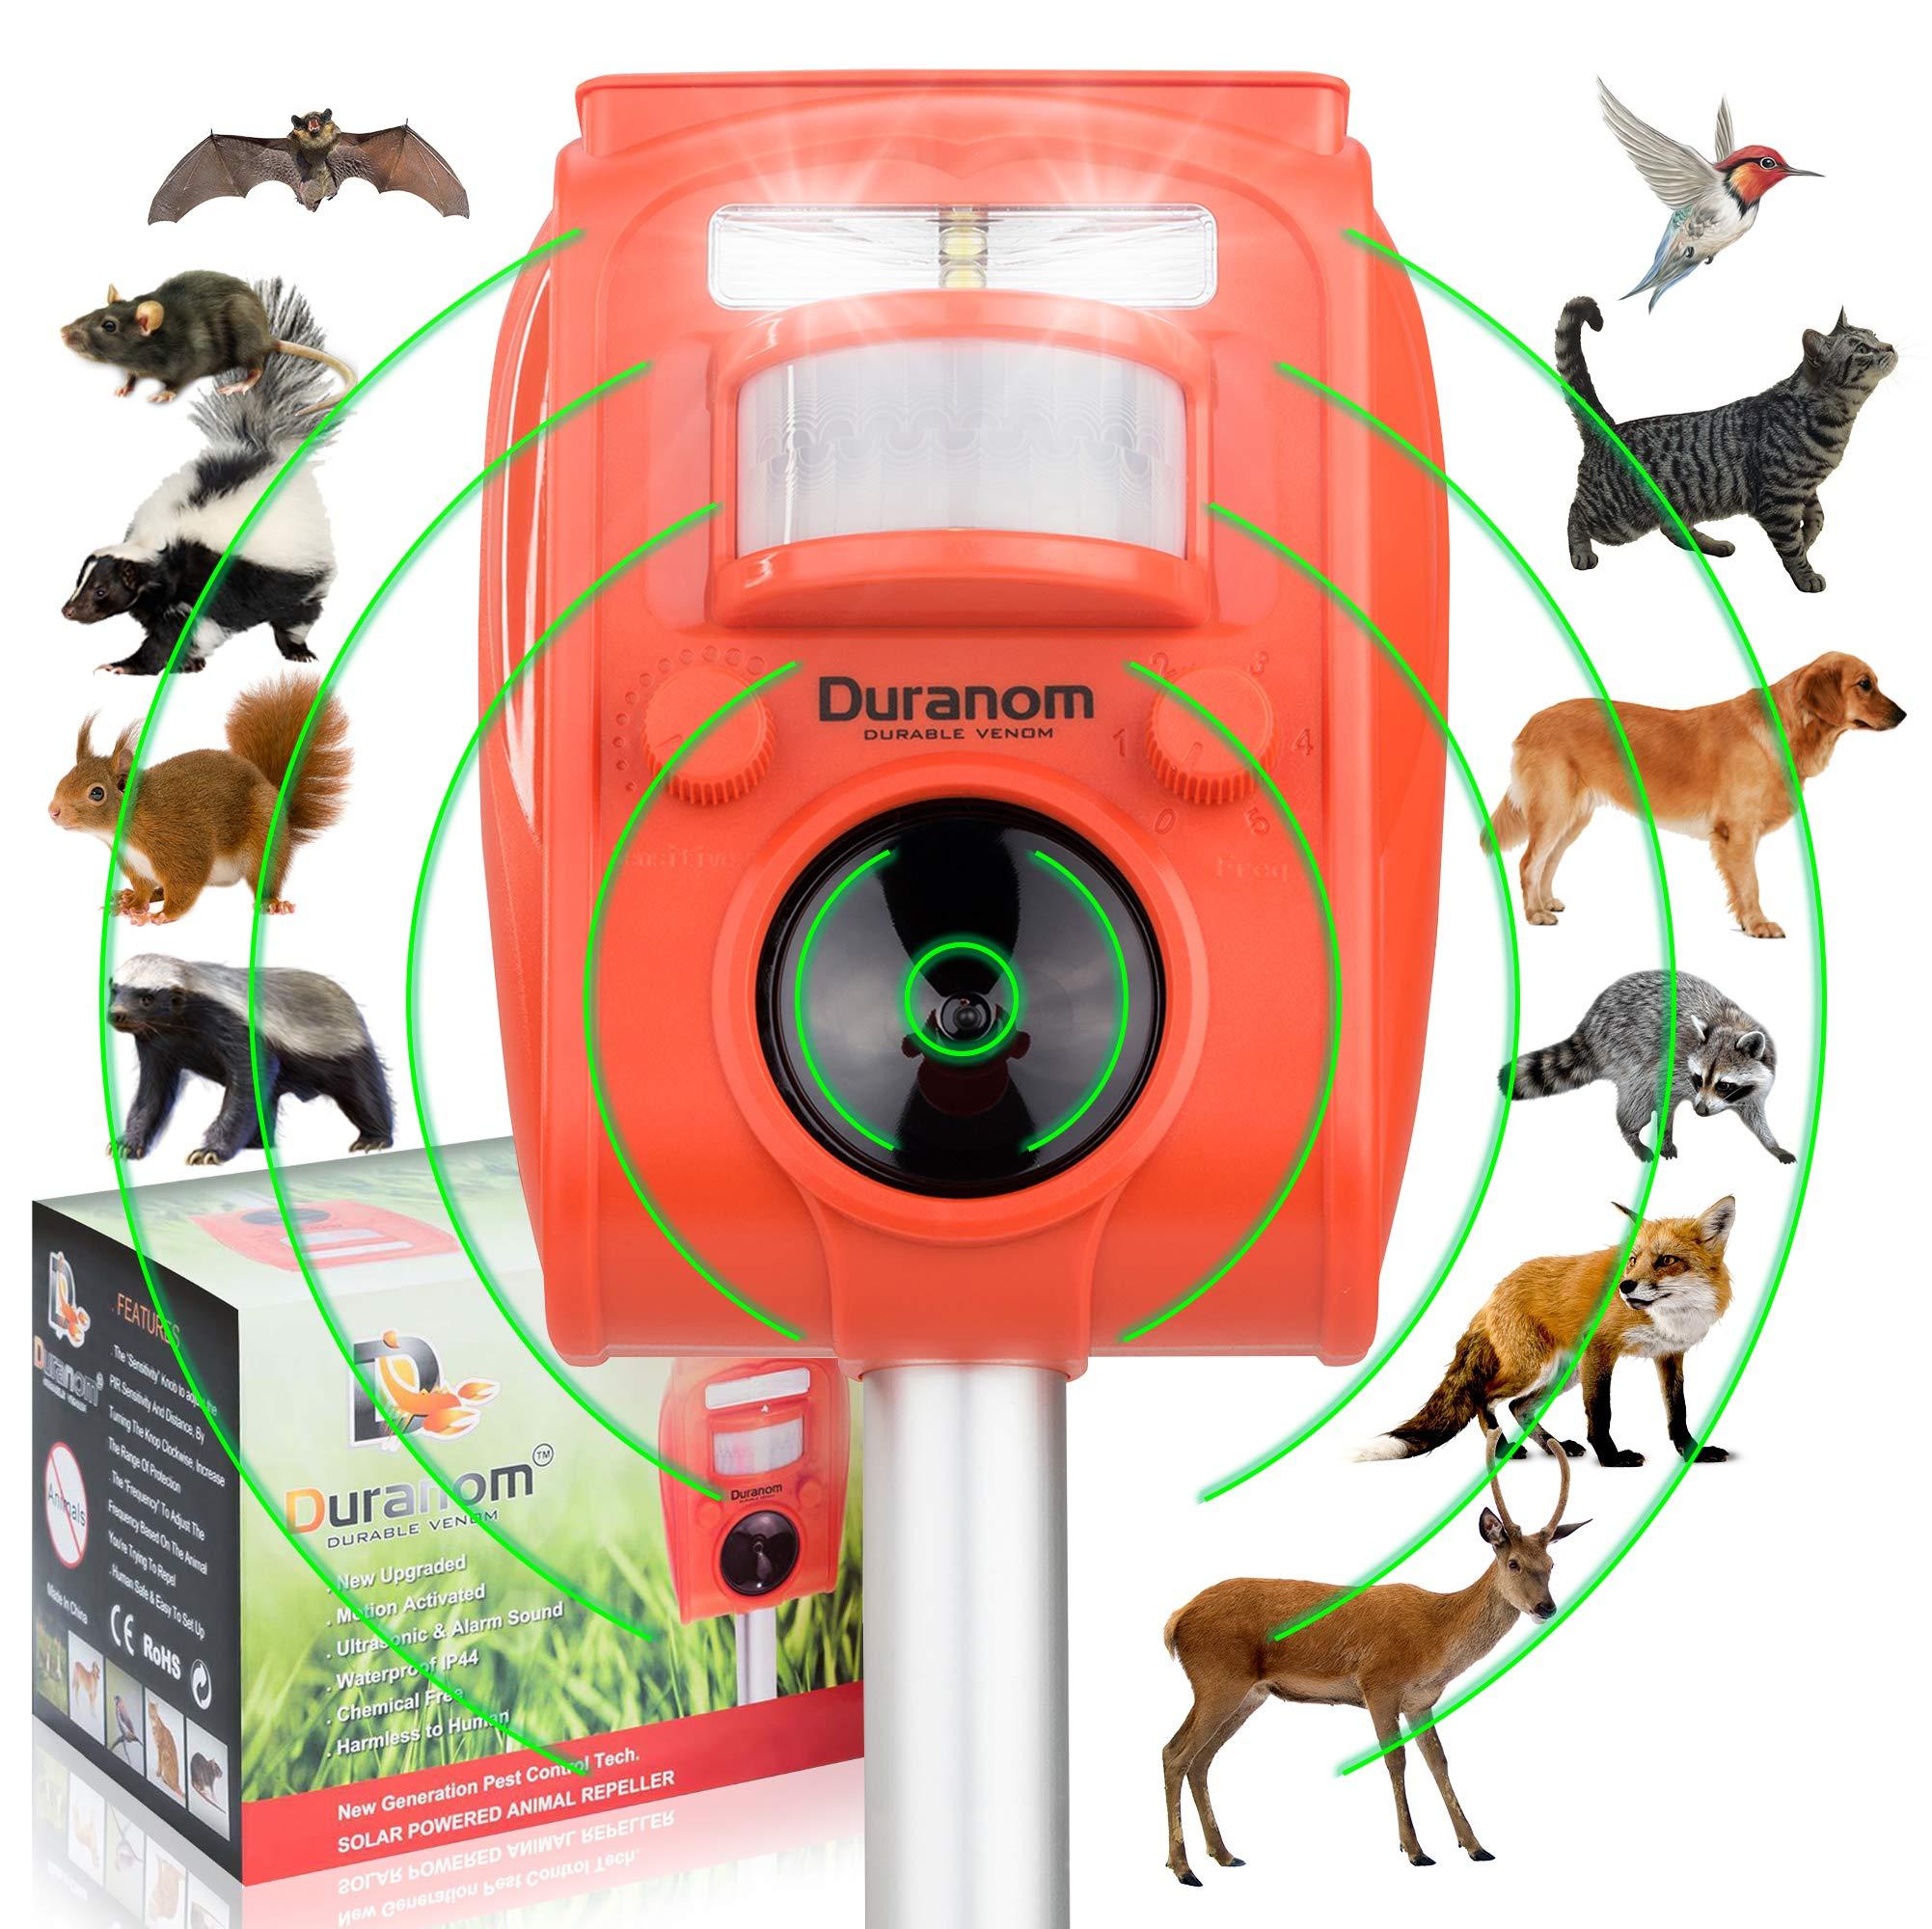 DURANOM Ultrasonic Activated Repellent Deterrent